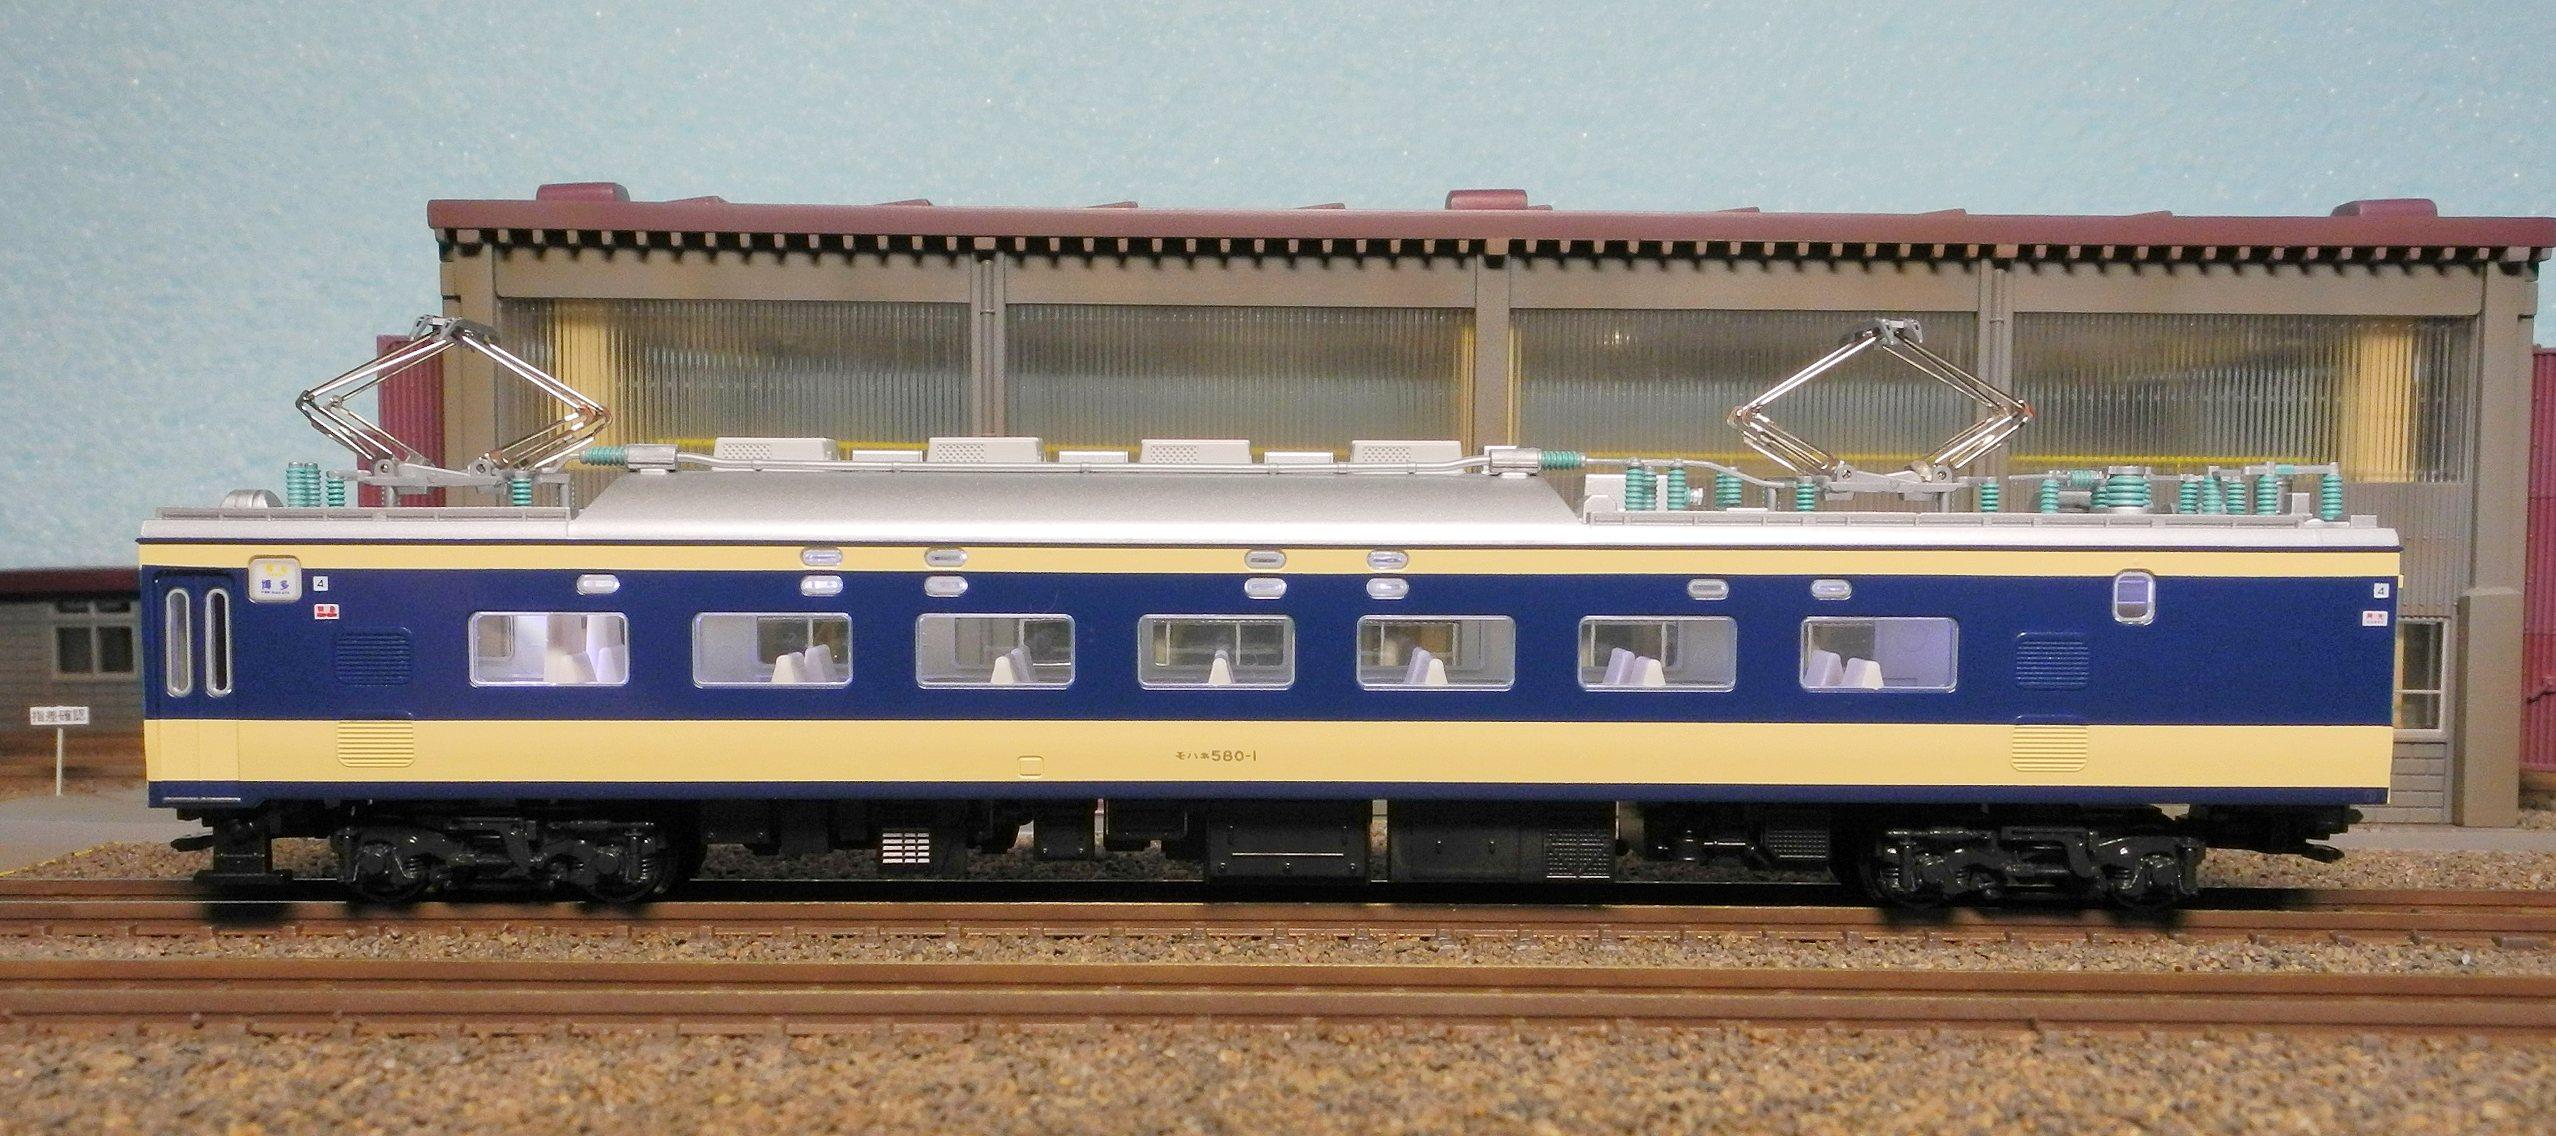 DSCN6720-1.jpg